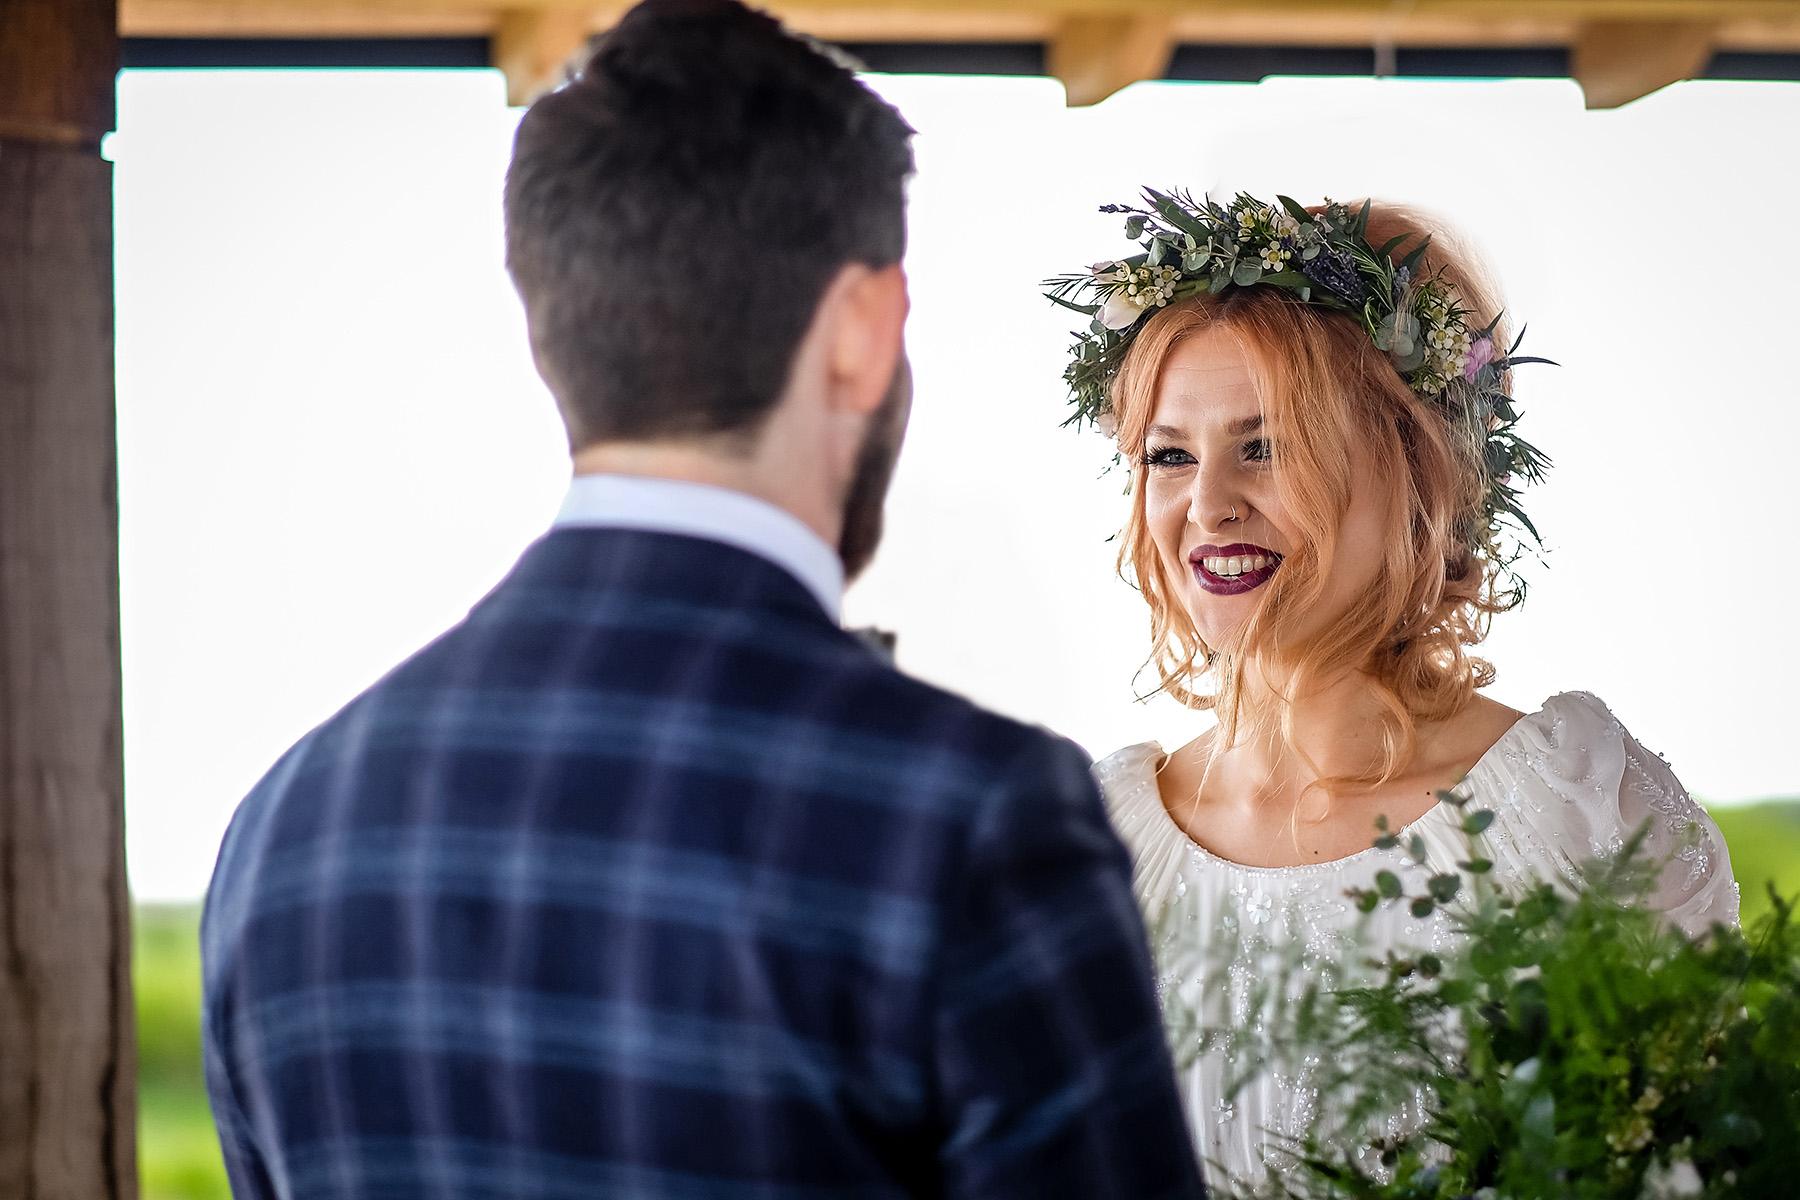 Wedding cermeony at Aston Marina